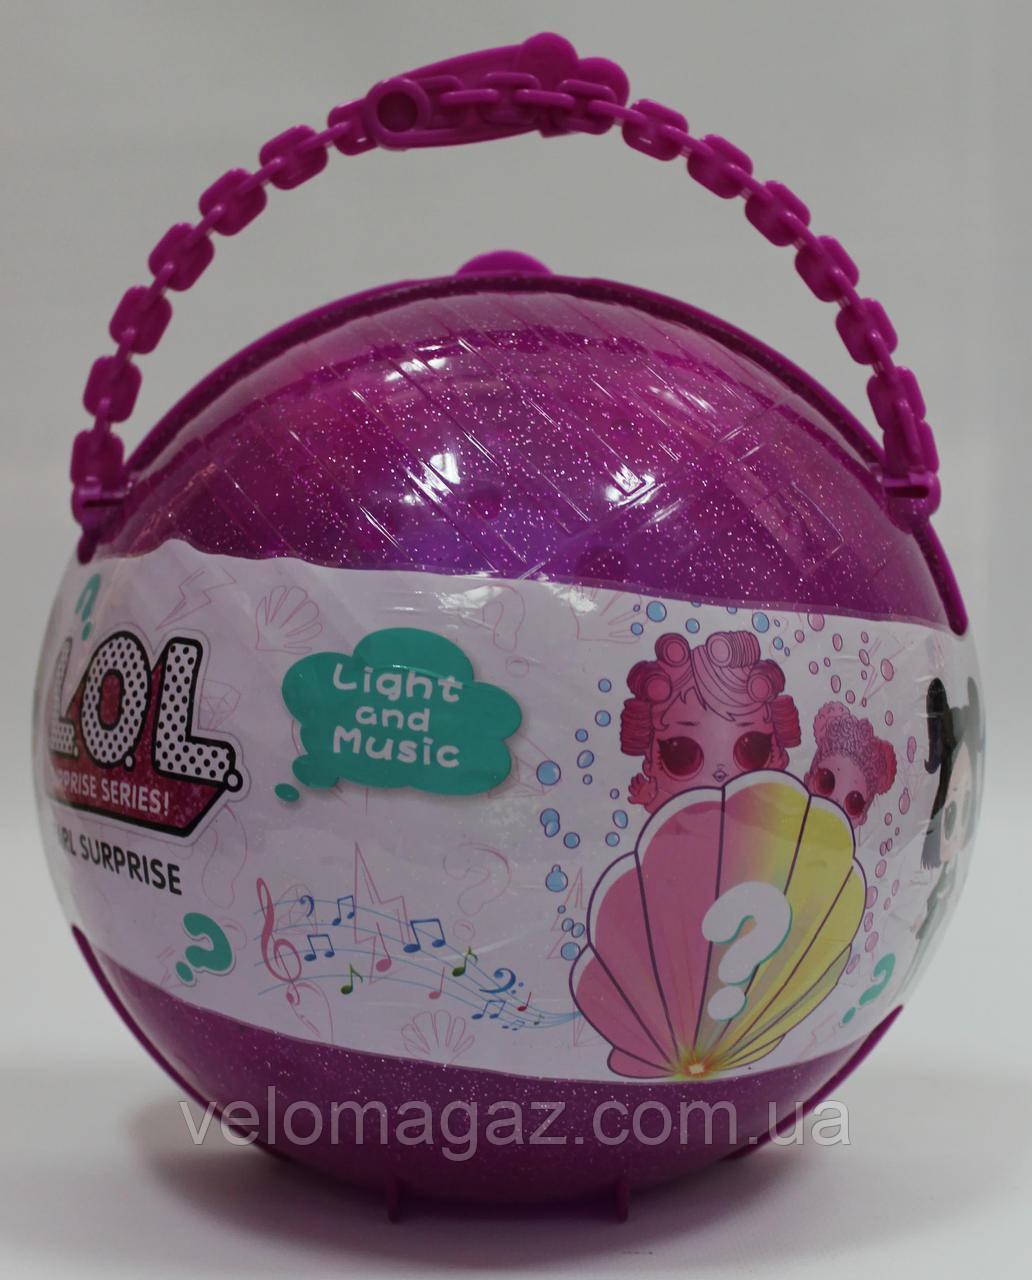 Набор LOL Pearl Surprise ЛОЛ в жемчужном шаре BB61, реплика, розовый